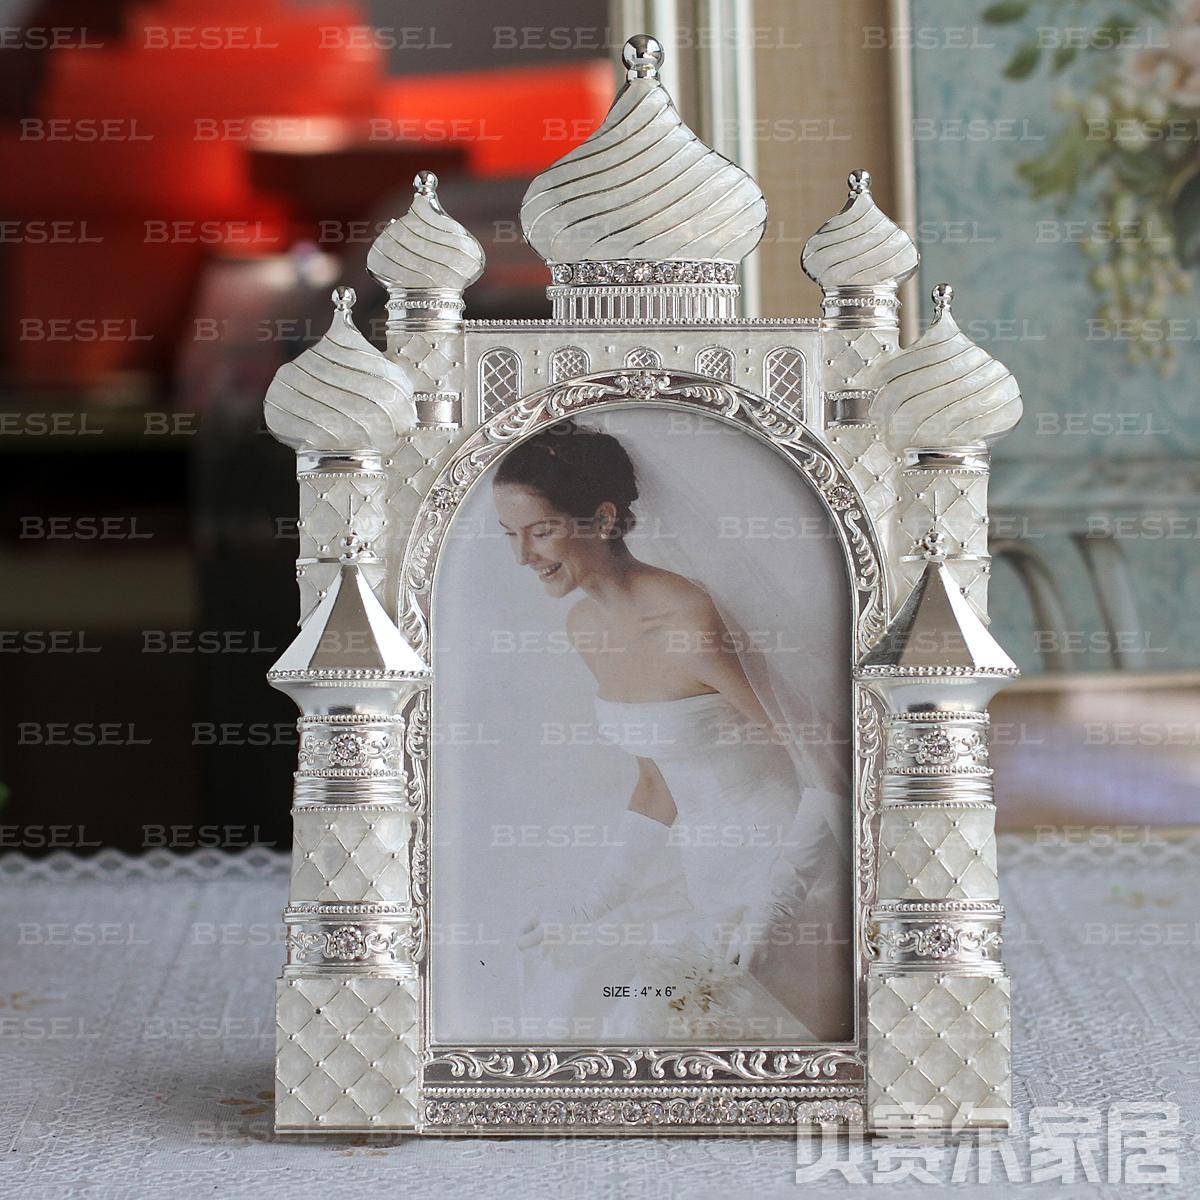 Personnalis de mariage cadres promotion achetez des personnalis de mariage cadres - Cadre photo mariage personnalise ...